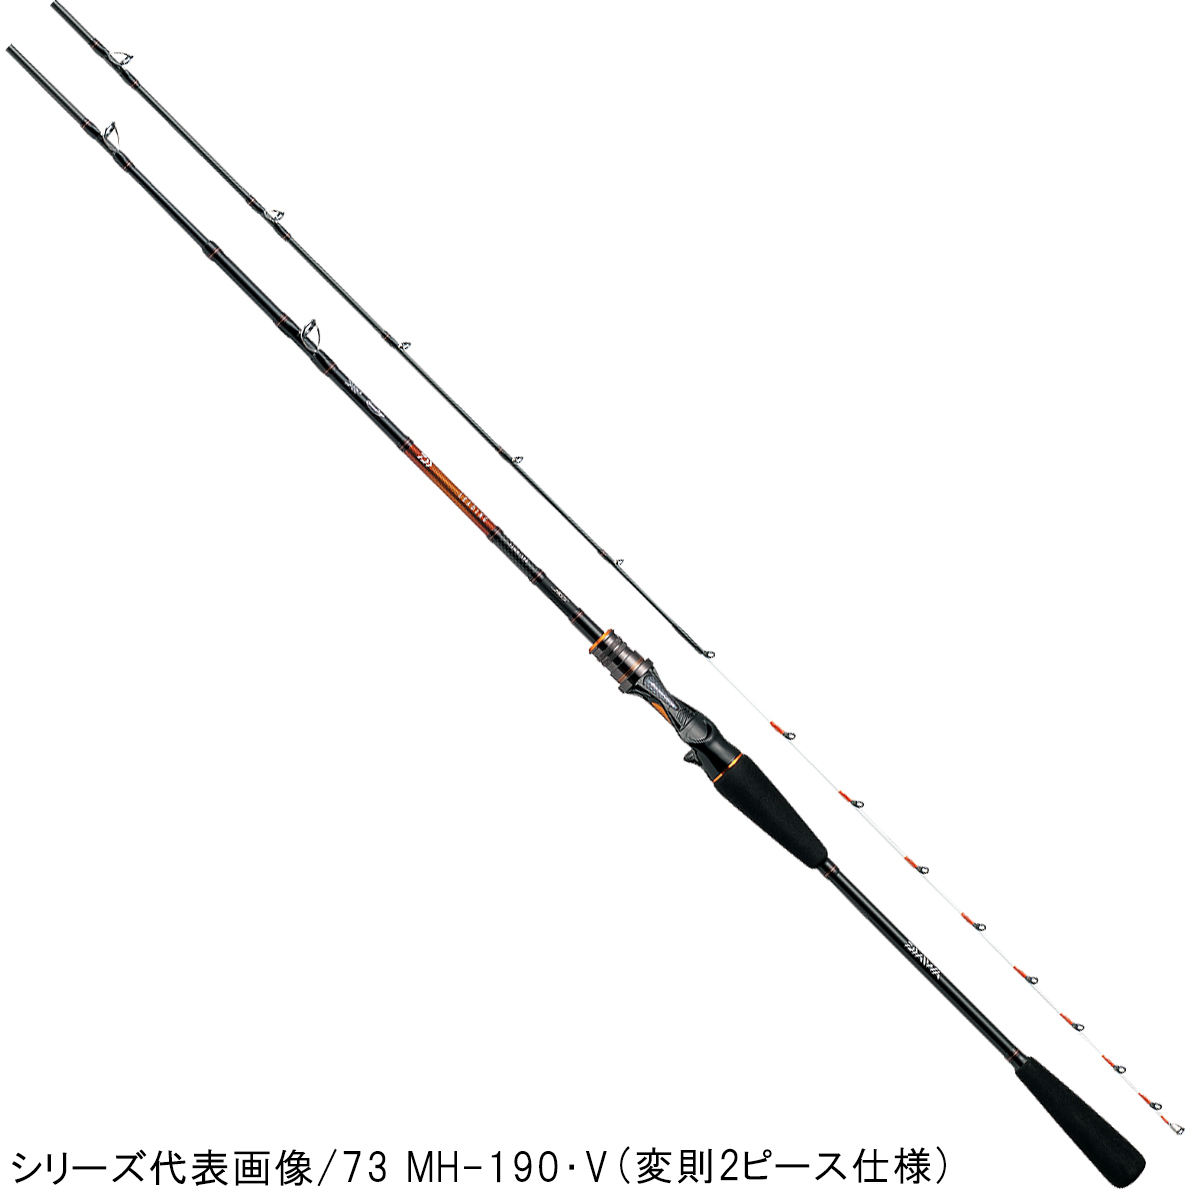 ダイワ リーディング 82 M-160 MT・V(東日本店)